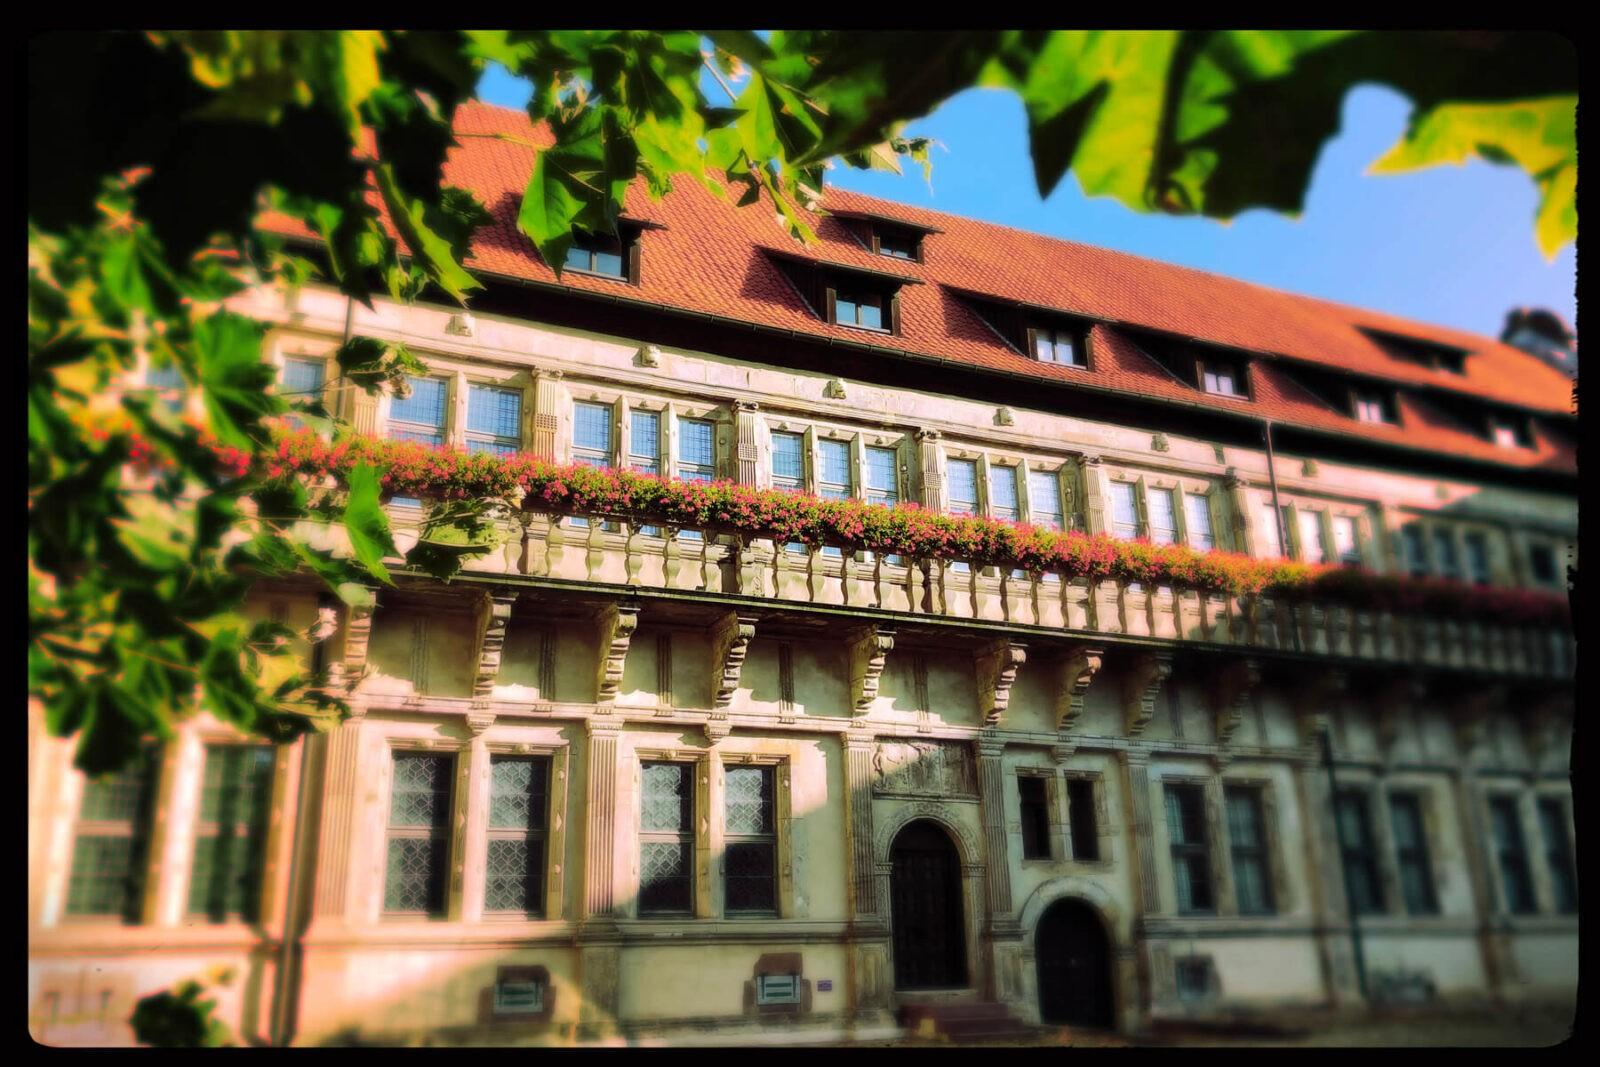 *Werbung* NRW: Die schönsten Museen im Teutoburger Wald